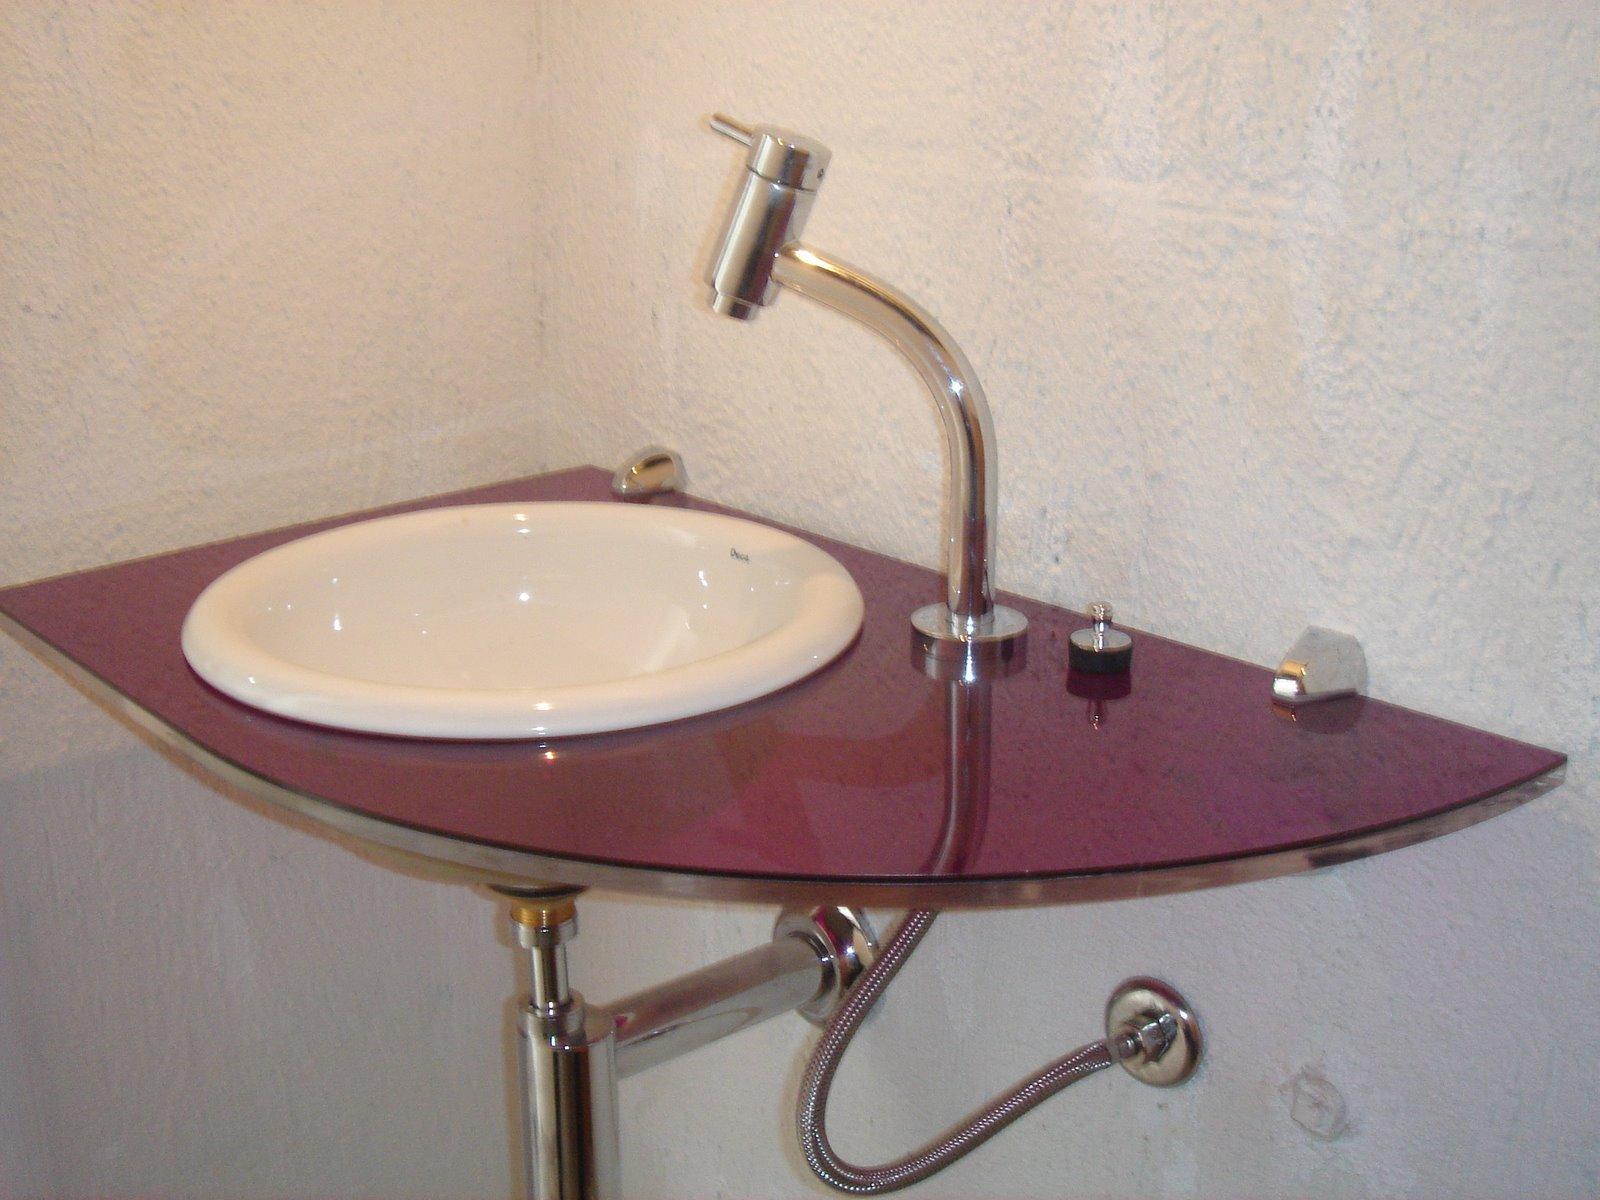 Imagens de #846447 Nur Arte & Design: Bancada para banheiro 1600x1200 px 3212 Box Acrilico Para Banheiro Rio De Janeiro